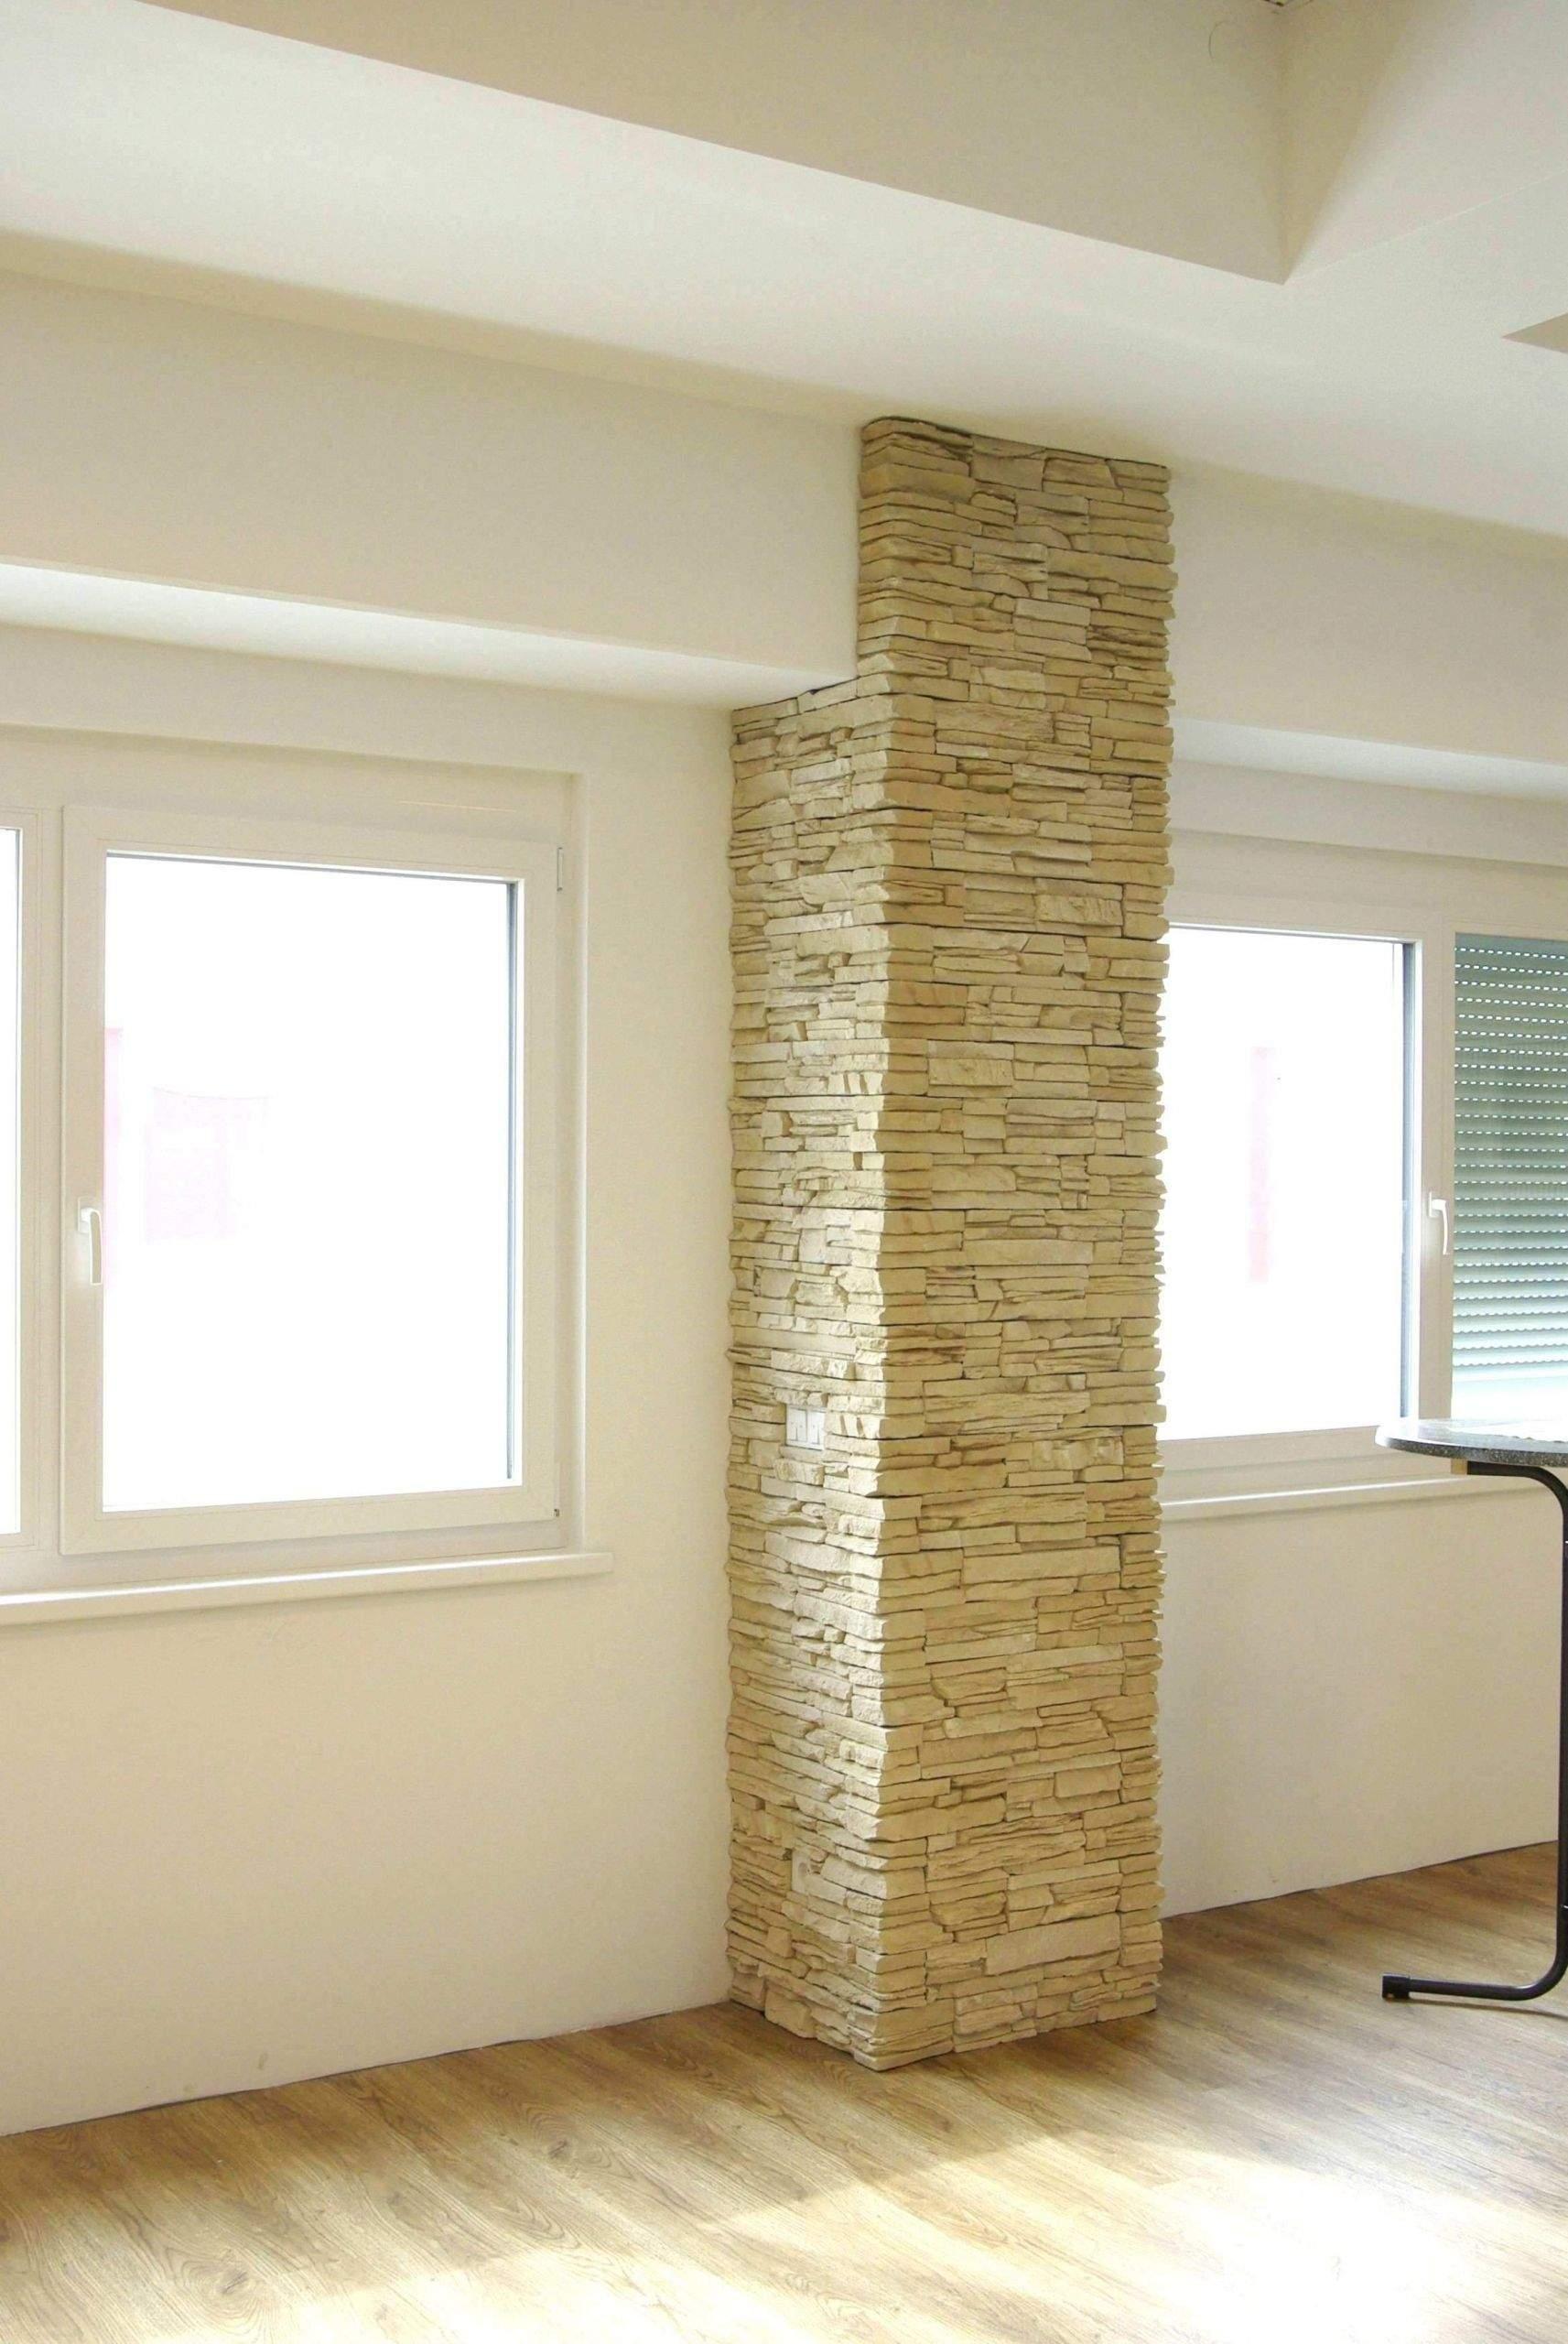 Moderne Feuerstelle Im Garten Schon 39 Das Beste Von Wohnzimmer Beleuchtung Modern Elegant Garten Anlegen